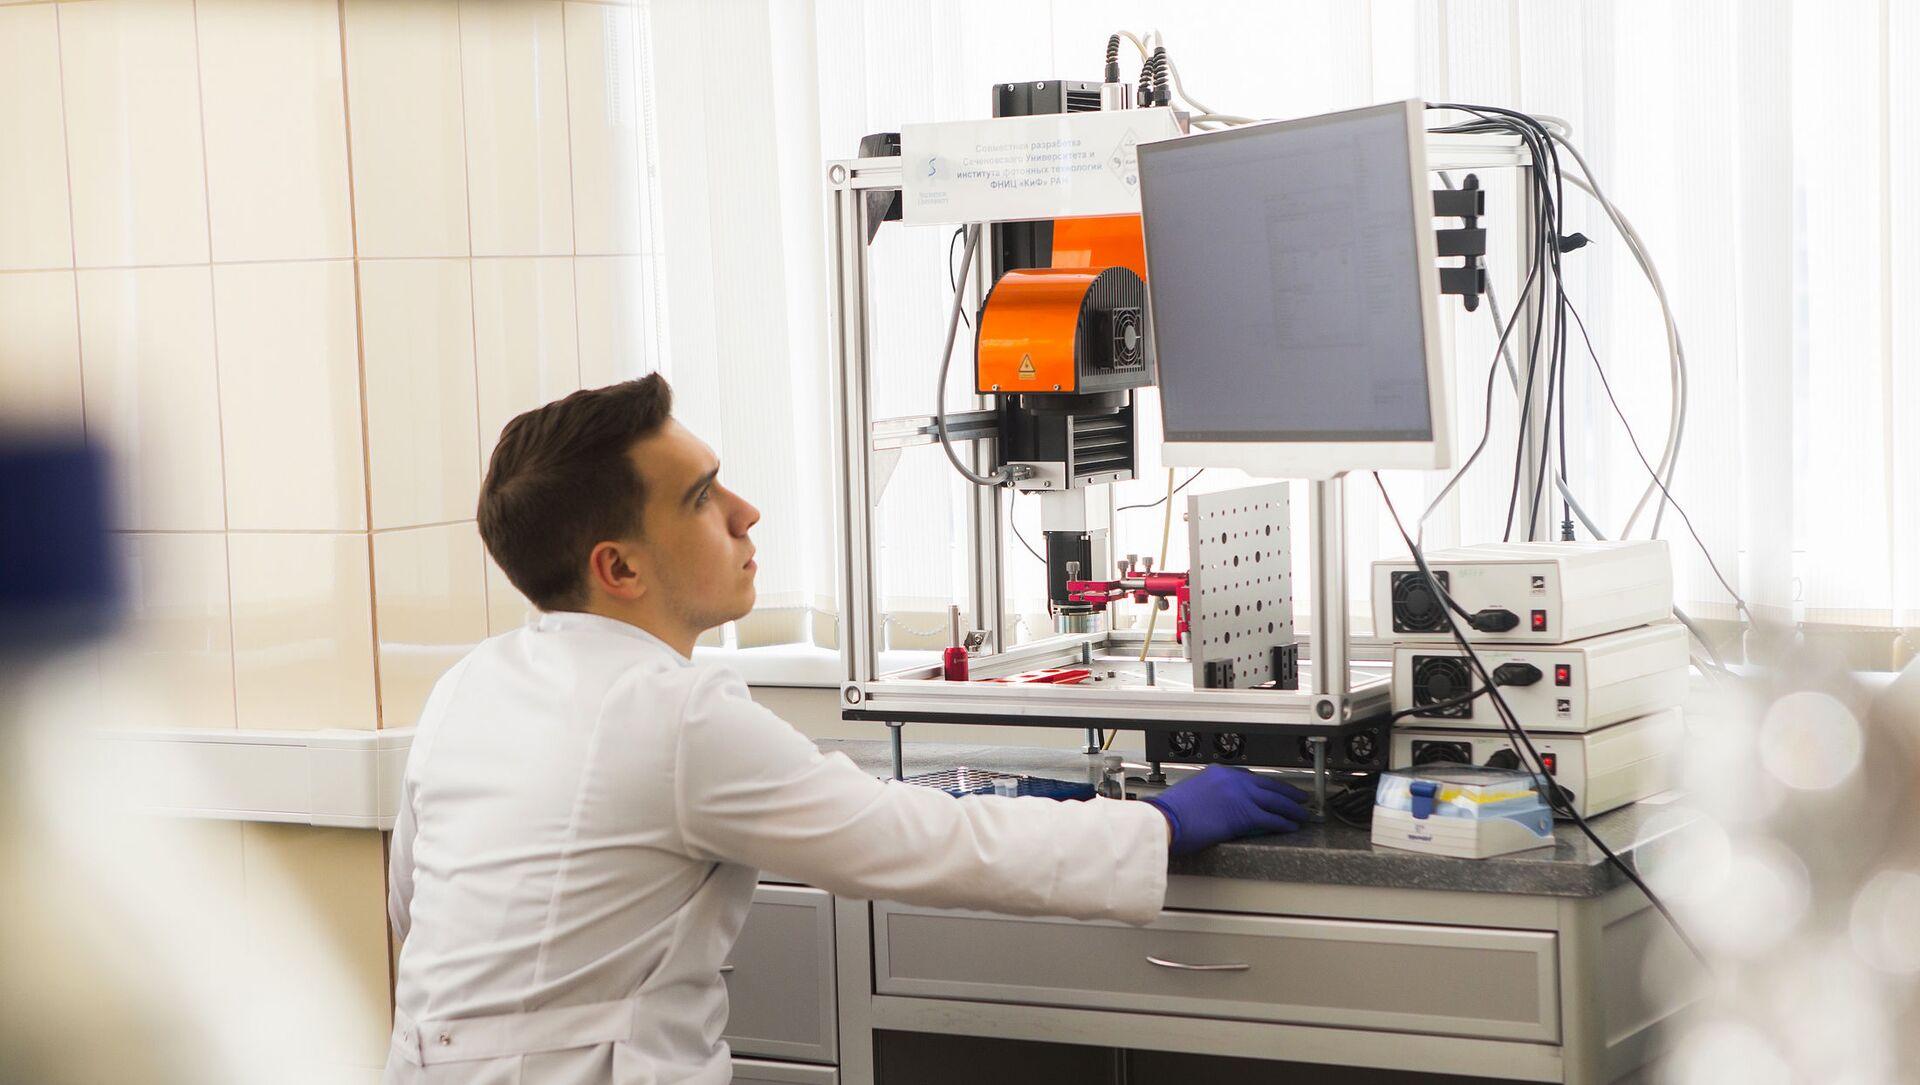 El futuro está aquí: científicos rusos crean una innovadora bioimpresora 3D  láser - 15.11.2019, Sputnik Mundo